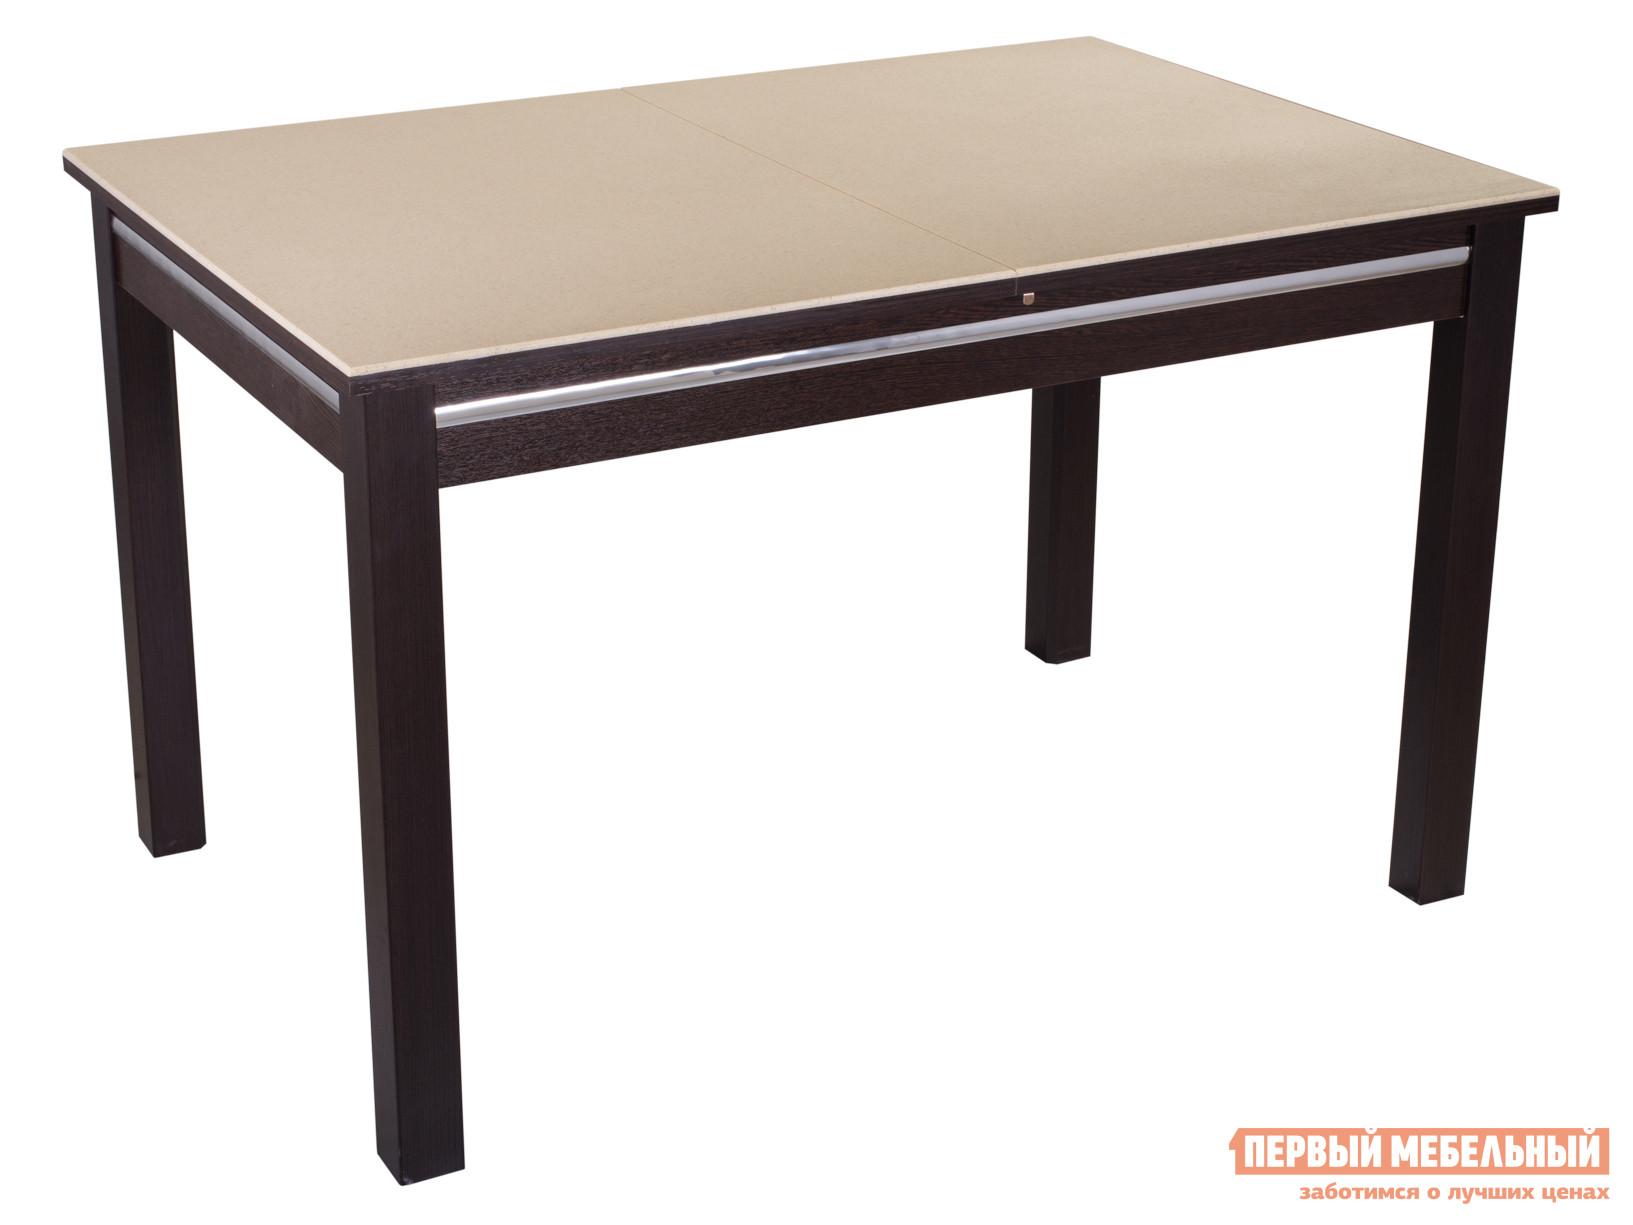 Обеденный стол  Обеденный стол Самба КМ Бежевый 06 / Венге ВН, Большой